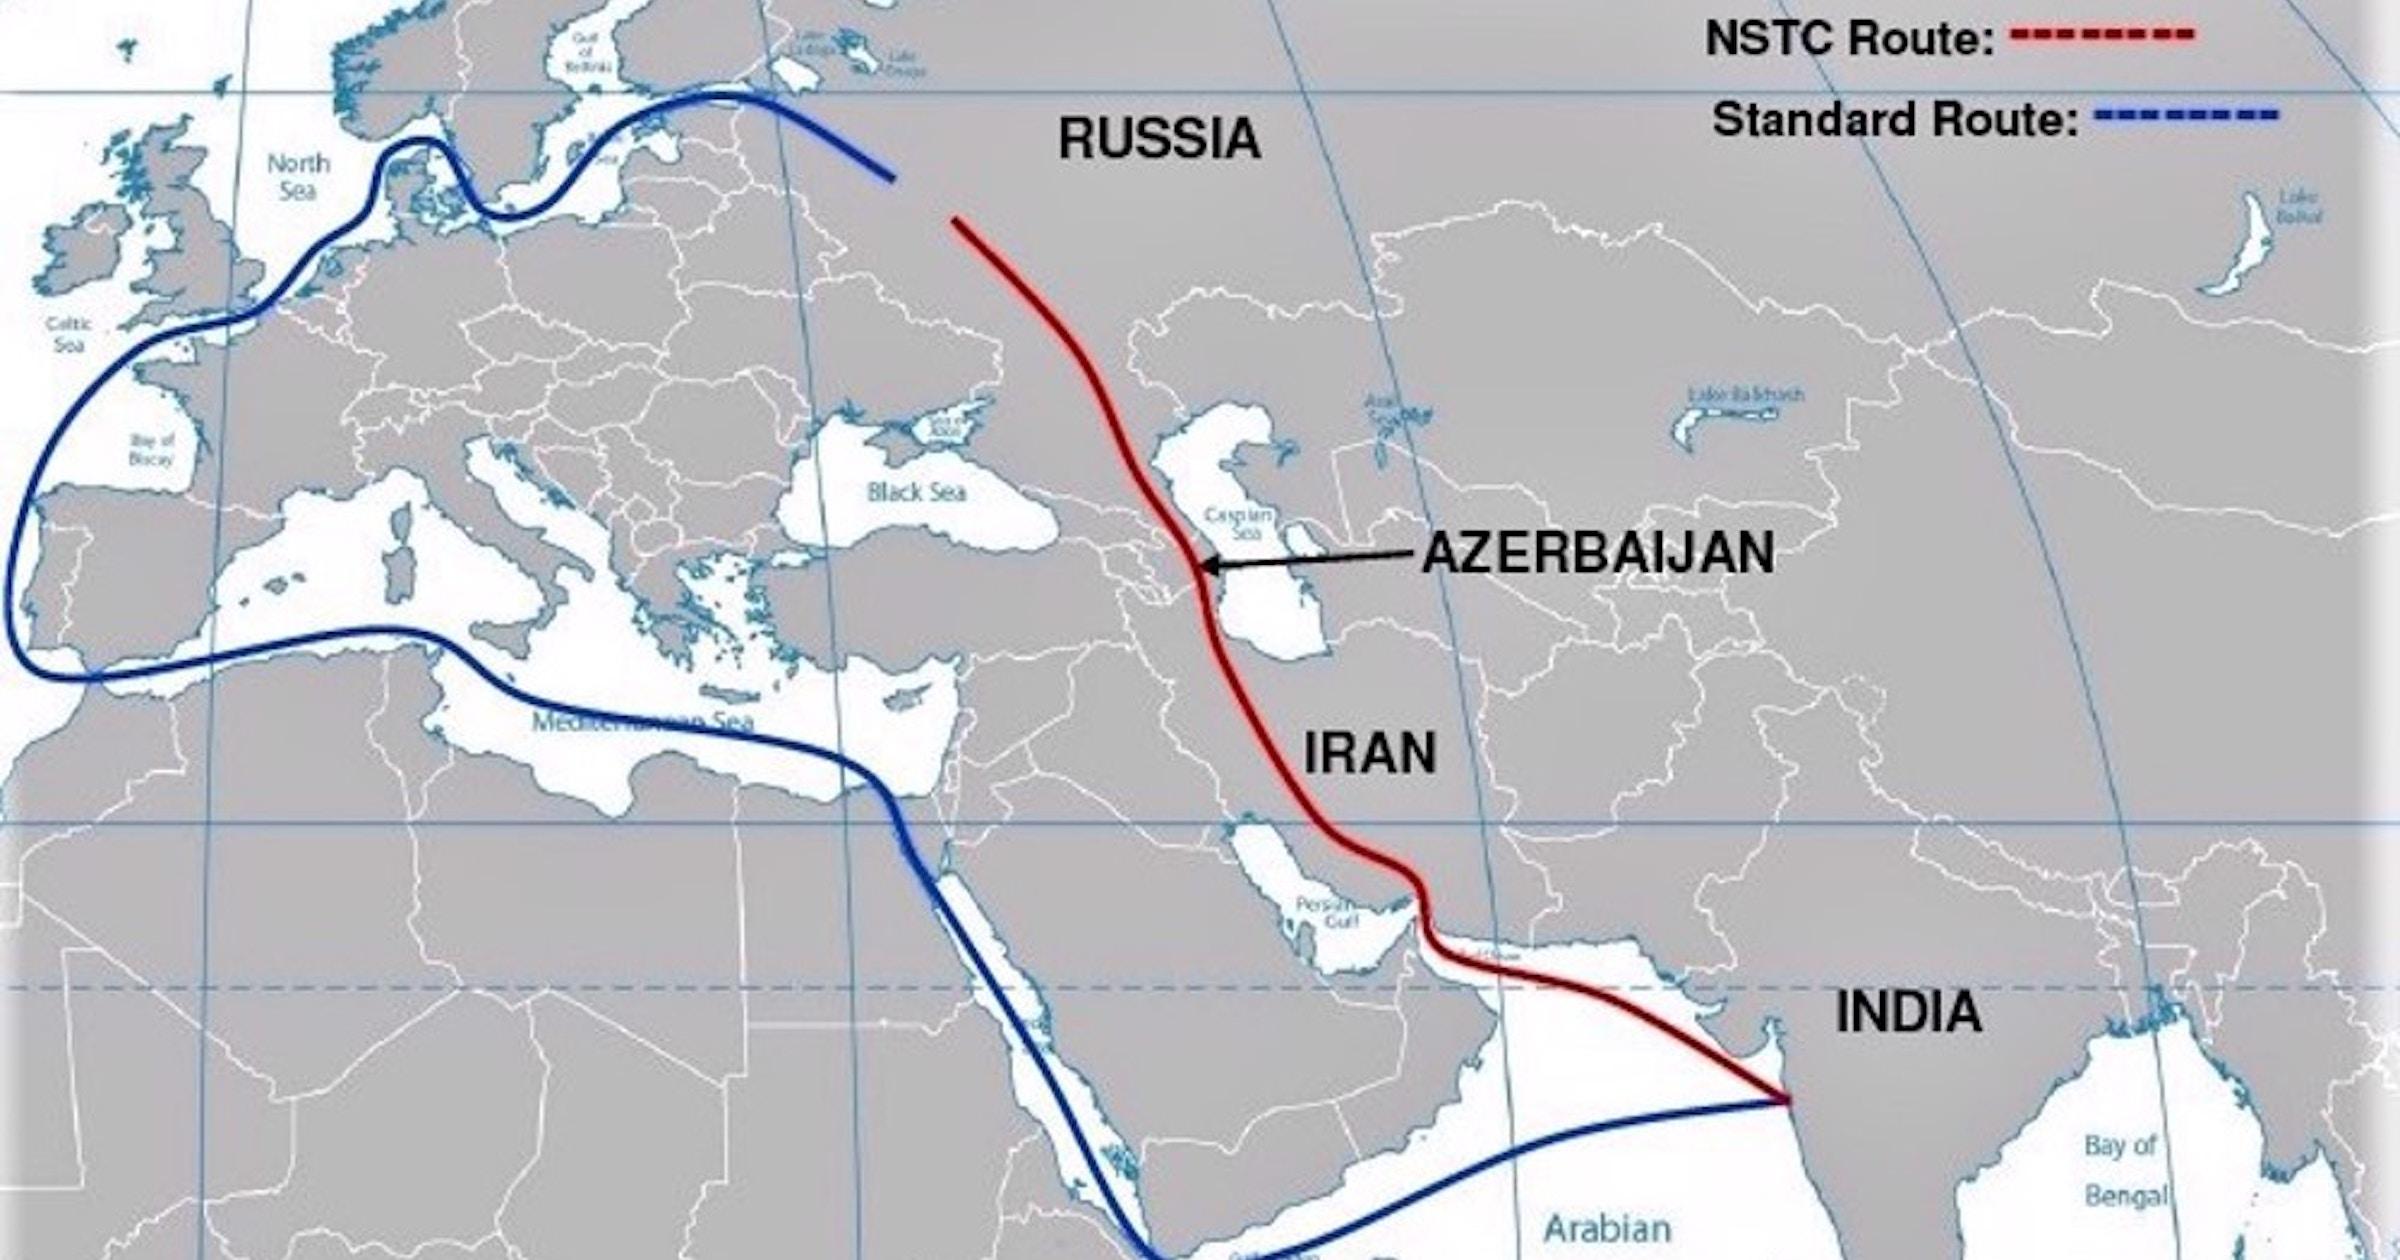 قناة السويس في مواجهة خطوط الملاحة البديلة.. المخاطر والفرص